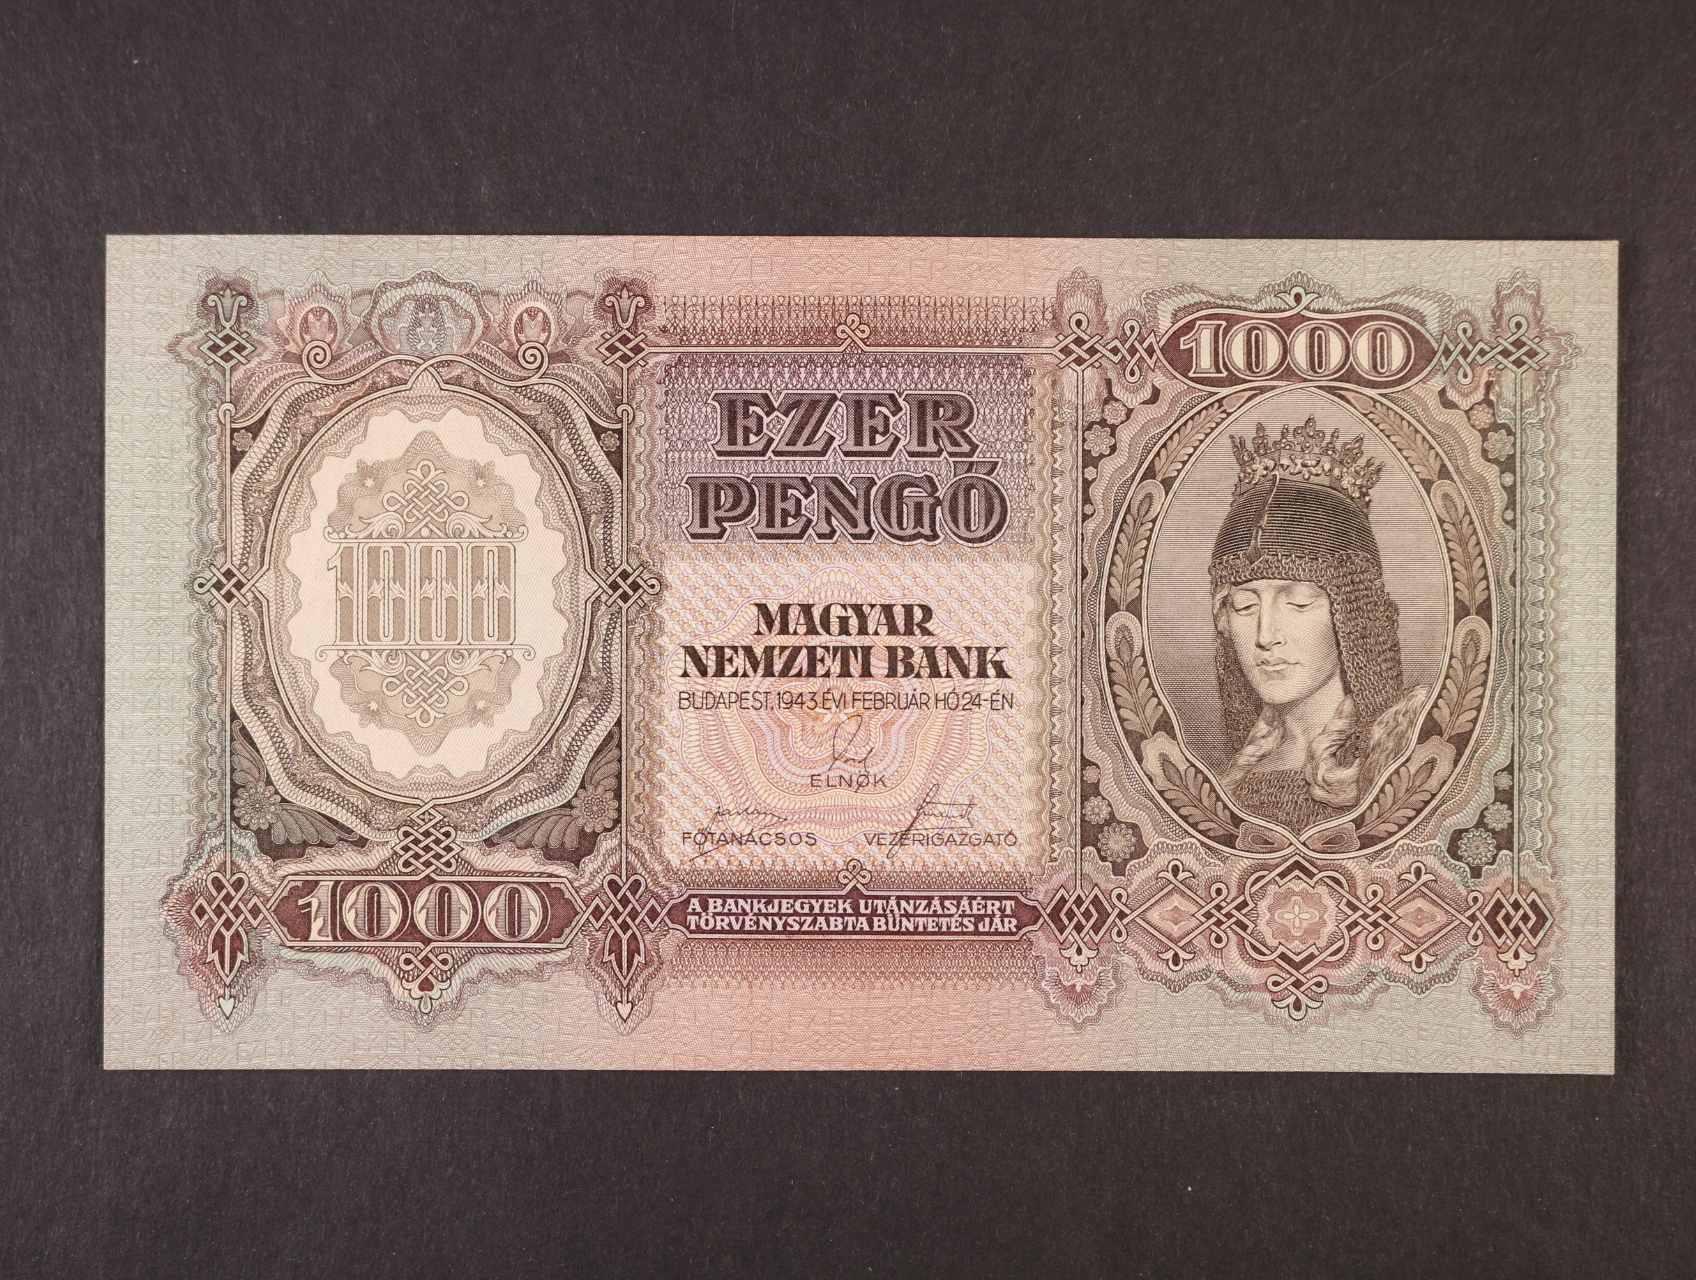 1000 Pengö 24.2.1943 série F 023, platná na ČS území,  Pi. 116, Ba. H12